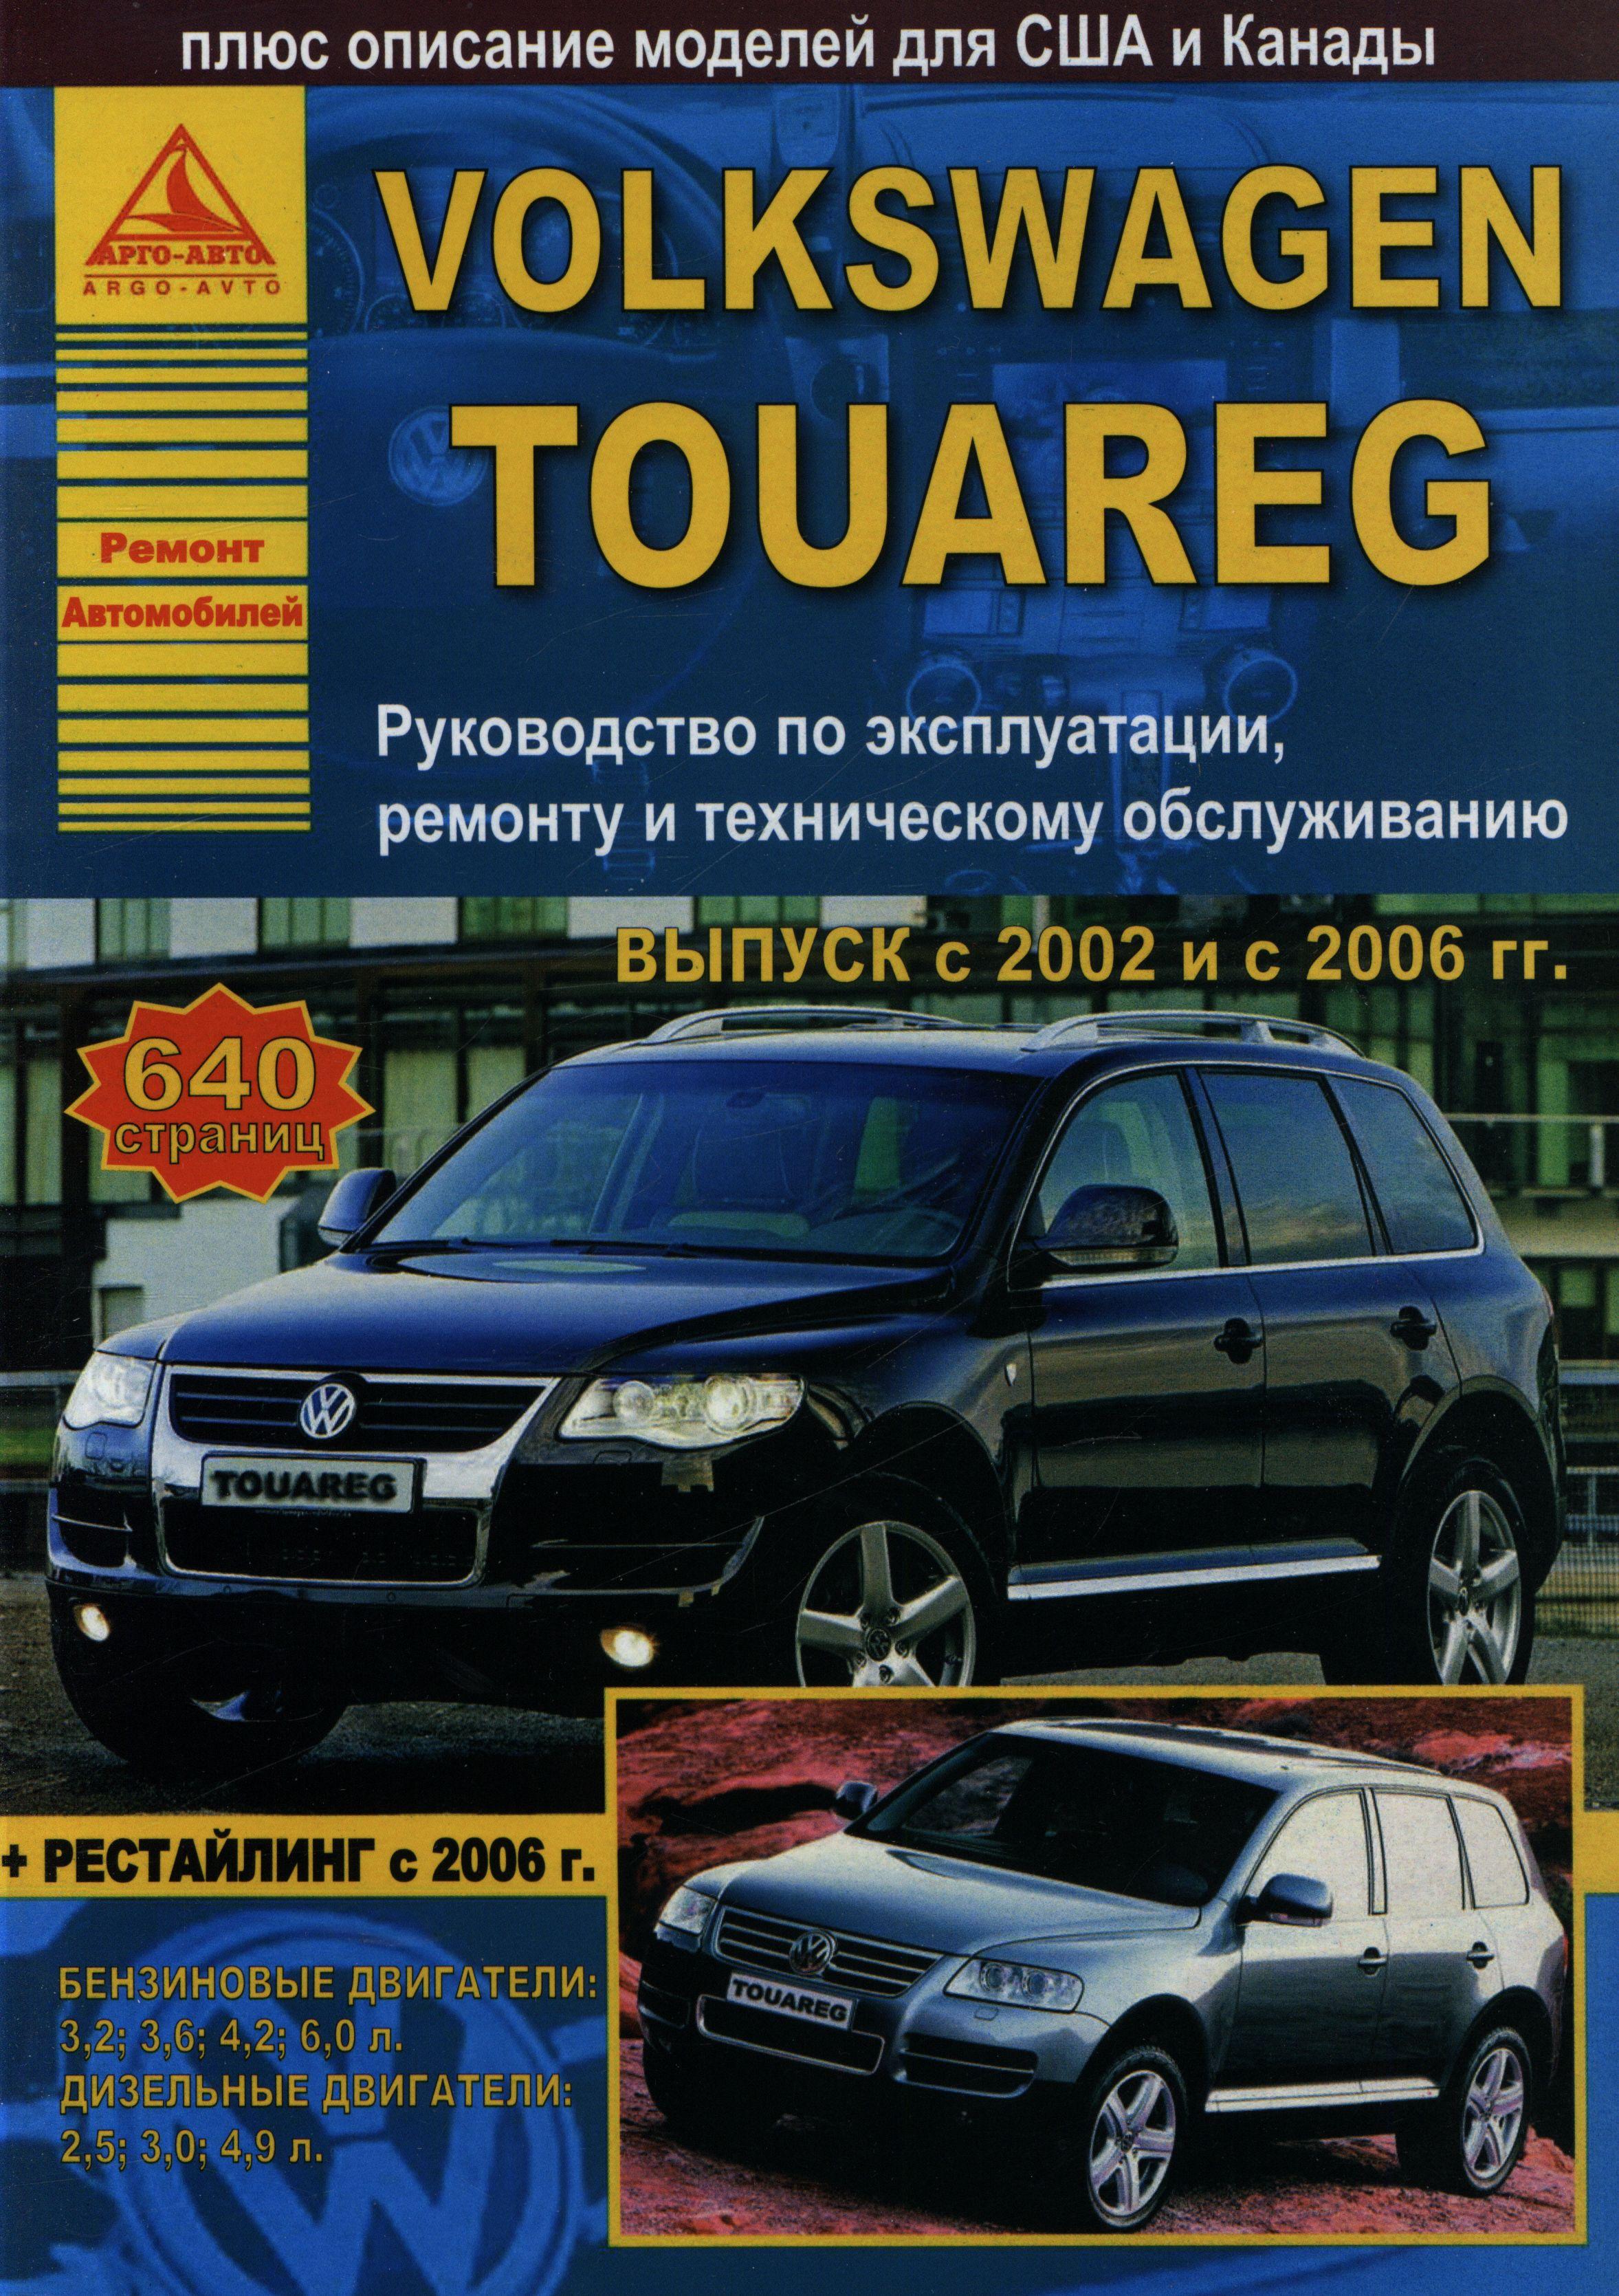 Книга VOLKSWAGEN TOUAREG (Фольксваген Туарег) с 2002 и с 2006 бензин / дизель Пособие по ремонту и эксплуатации